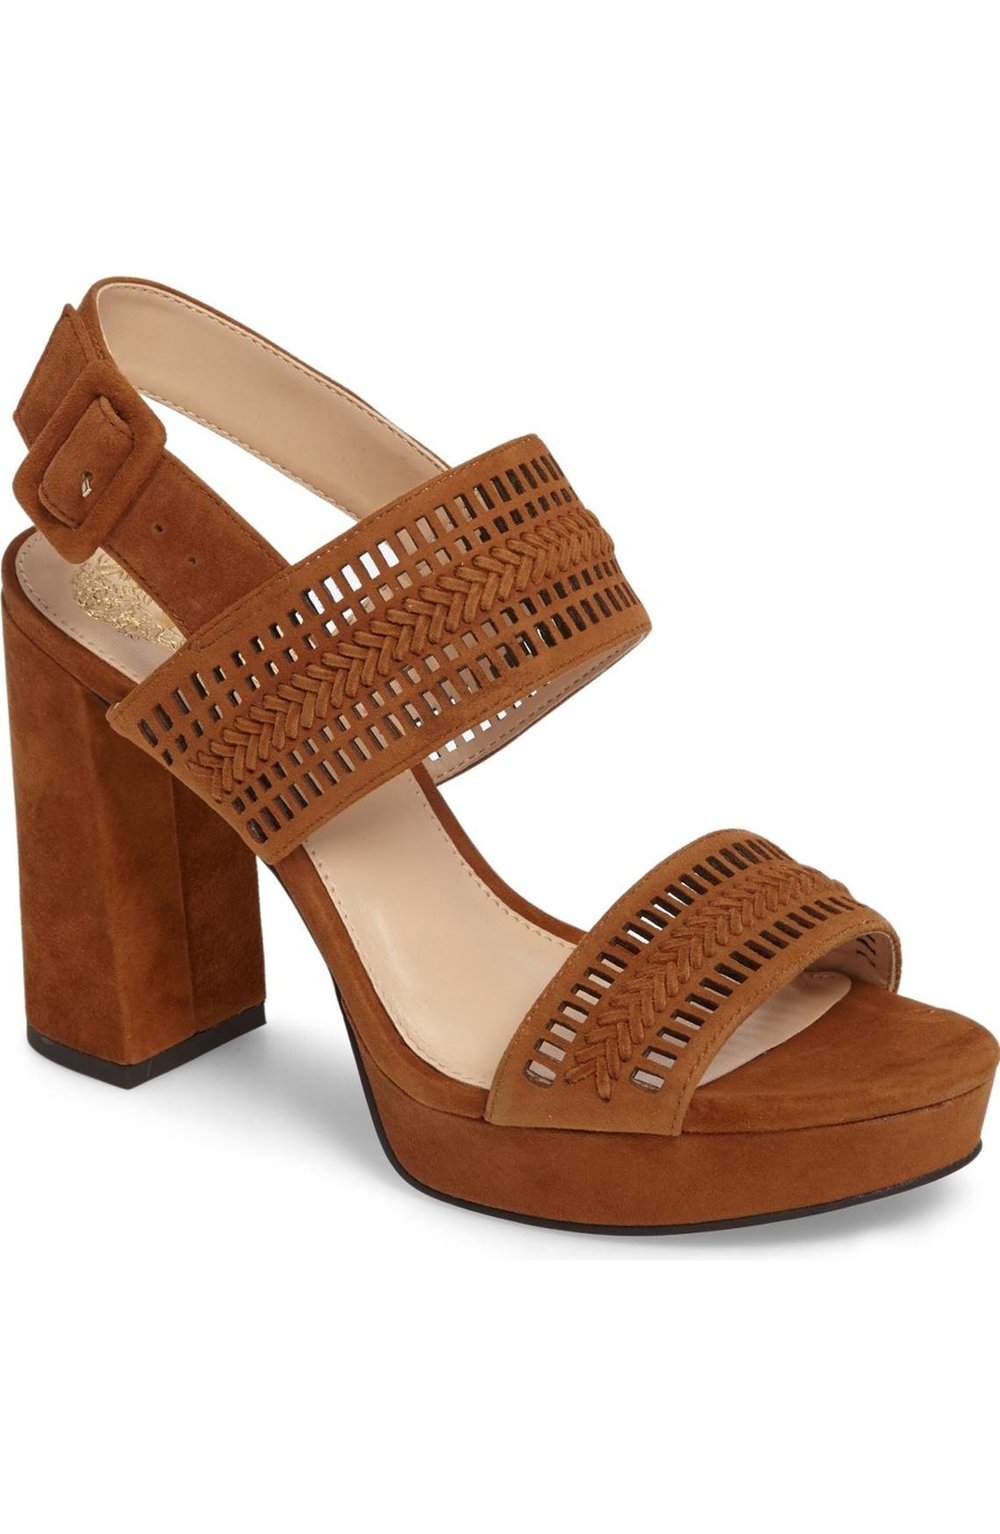 Vince Camuto Jazelle Slingback Platform Sandal in maple brown suede